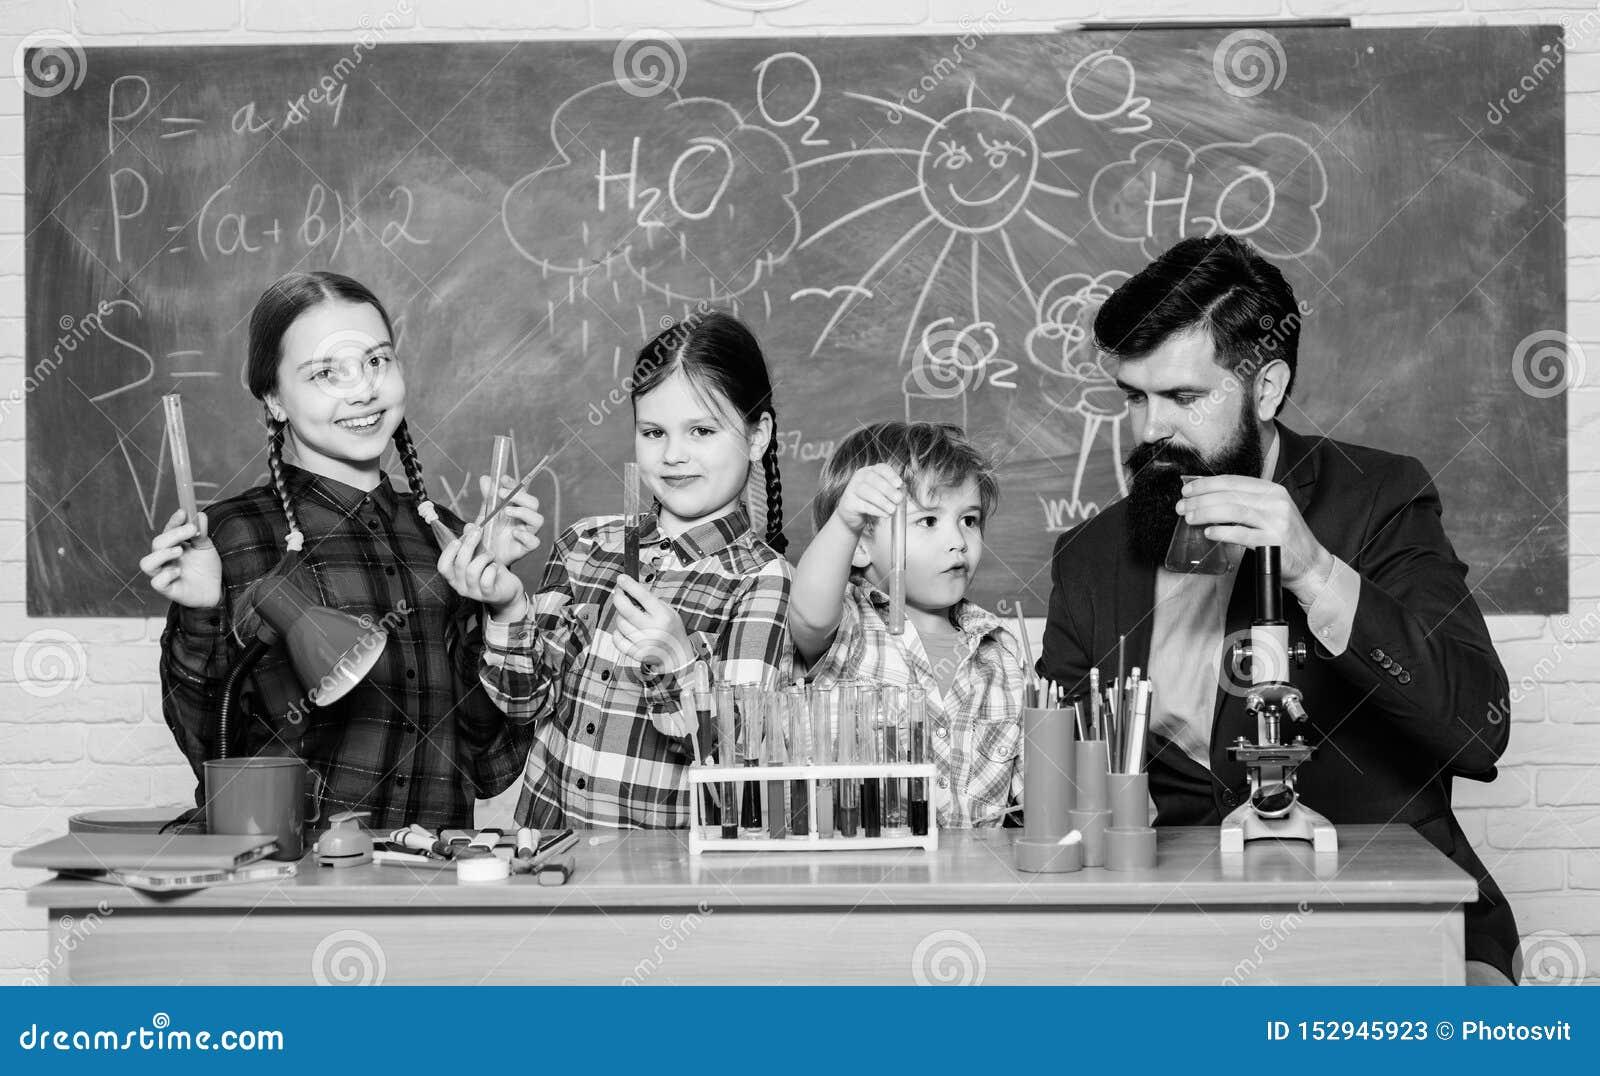 化学主题俱乐部 群交互与沟通 兴趣和话题俱乐部 分享兴趣爱好